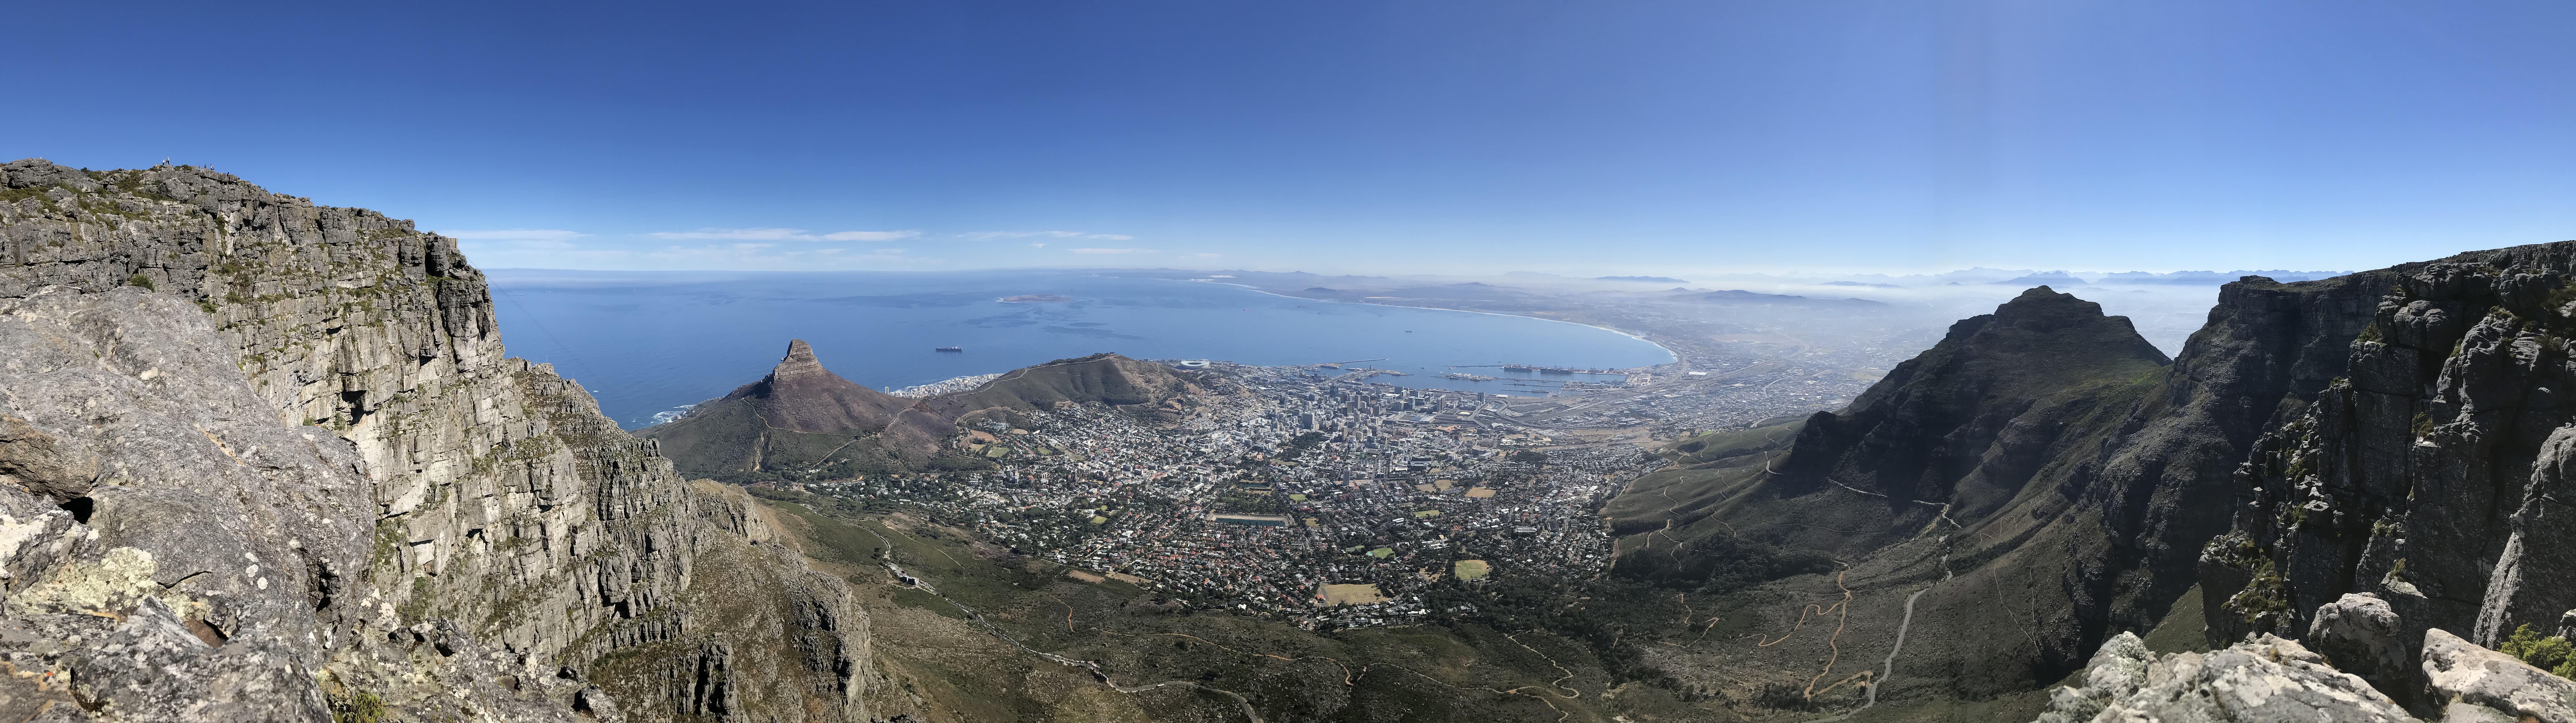 Table Mt best pano SA 2019 IMG_4976